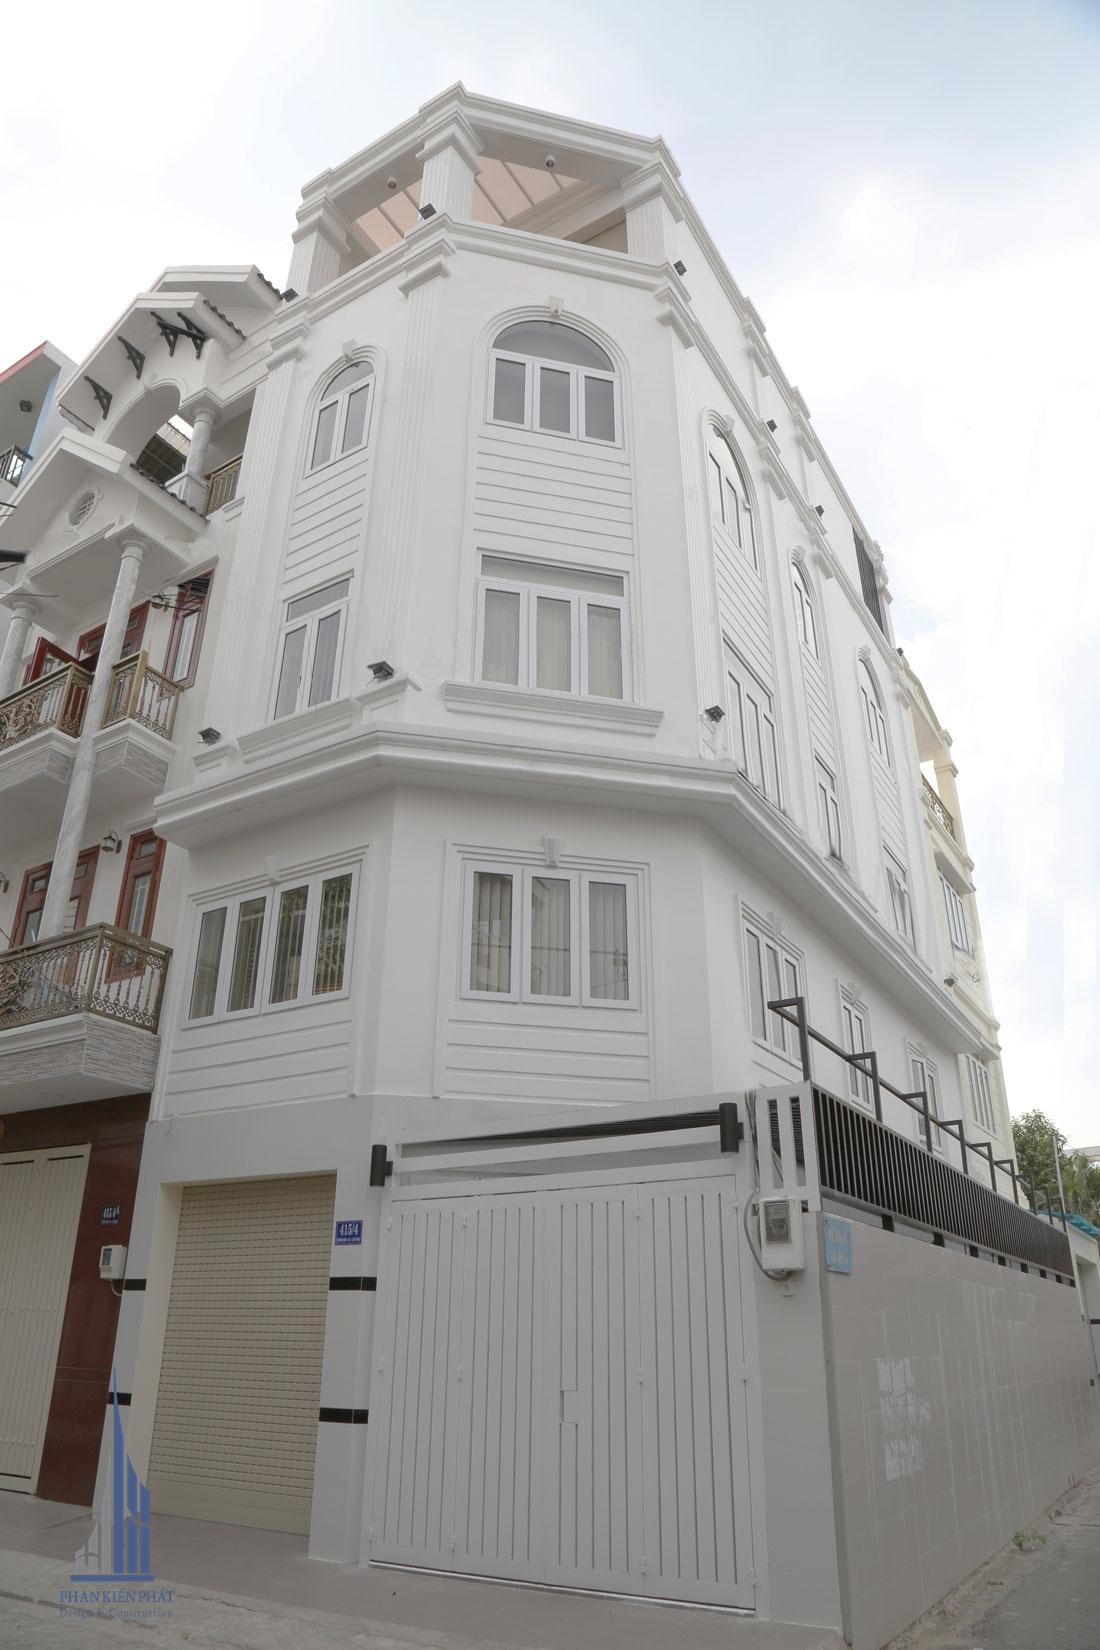 Mặt tiền Công trình biệt thự phố 4 tầng diện tích 4,5m x 12,5m được hoàn thiện